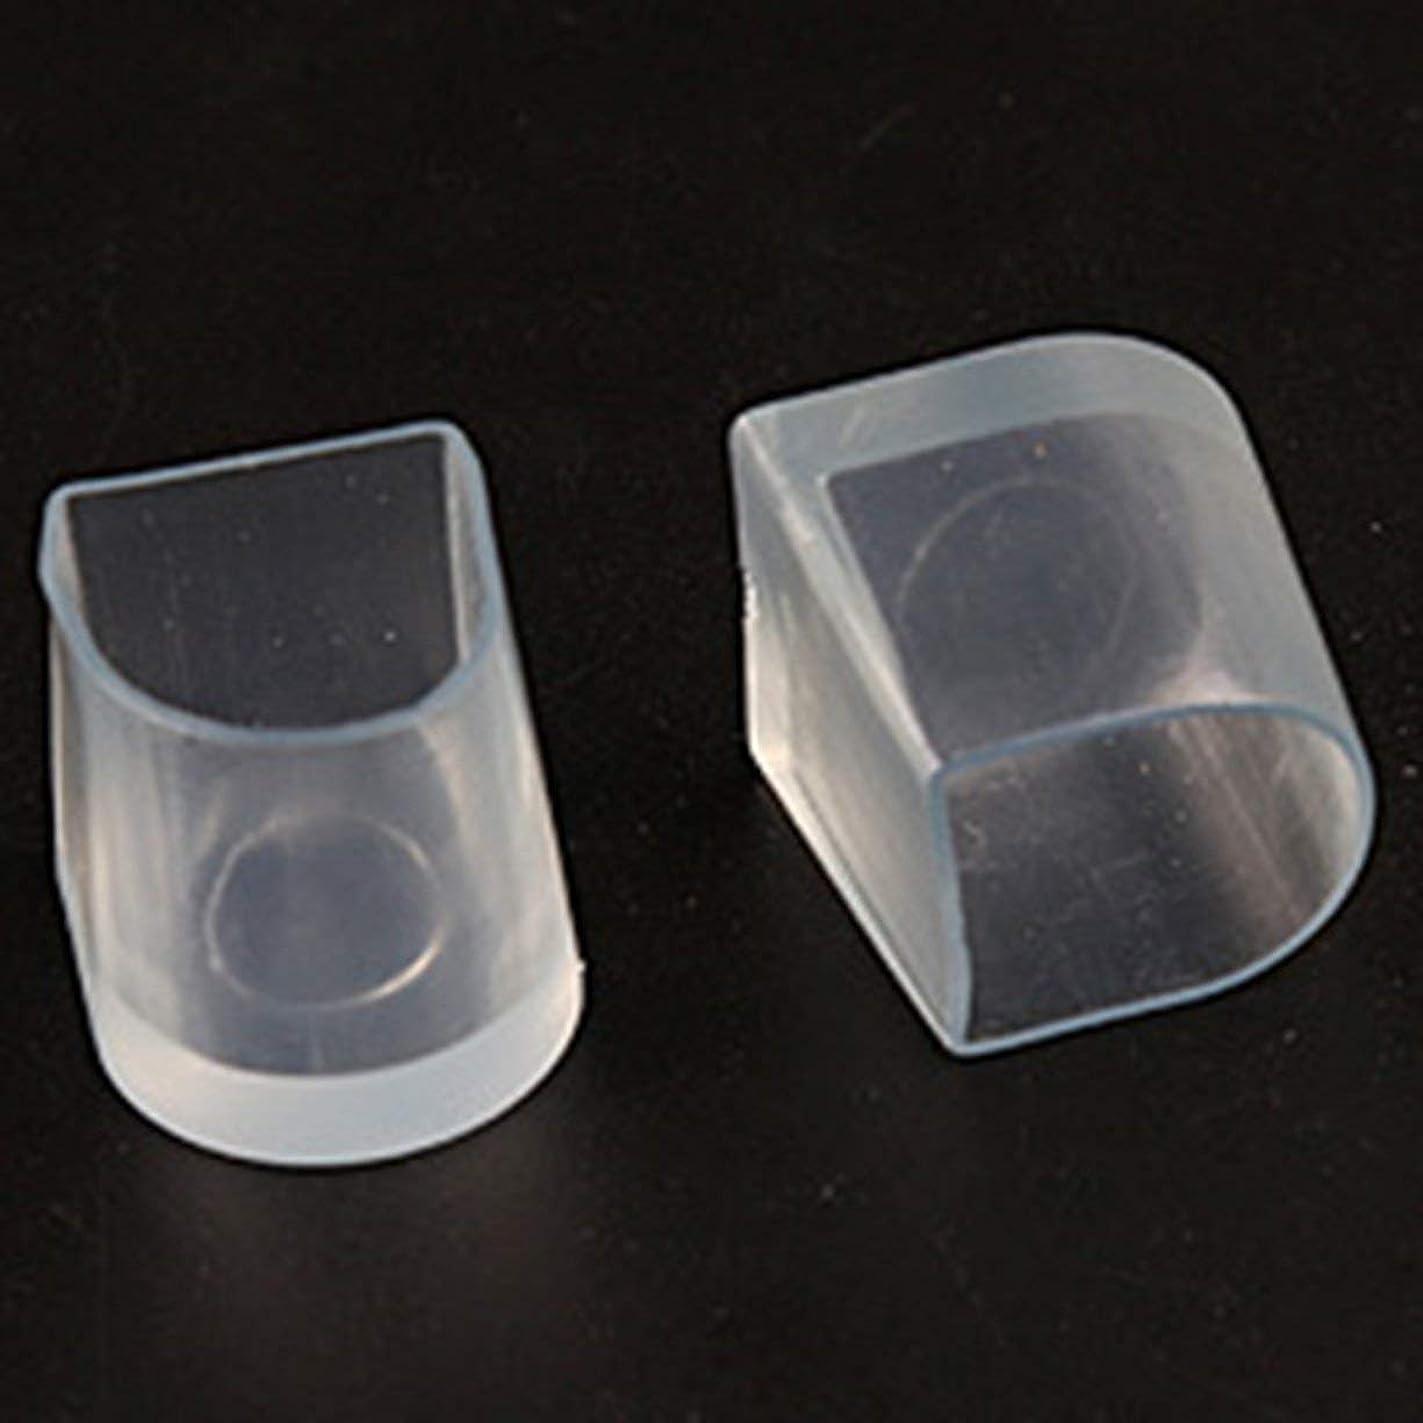 かび臭い太字適用済み1ペアハイヒール保護カバーラテンスティレットダンスカバーヒールストッパー滑り止め耐摩耗性 - 透明M